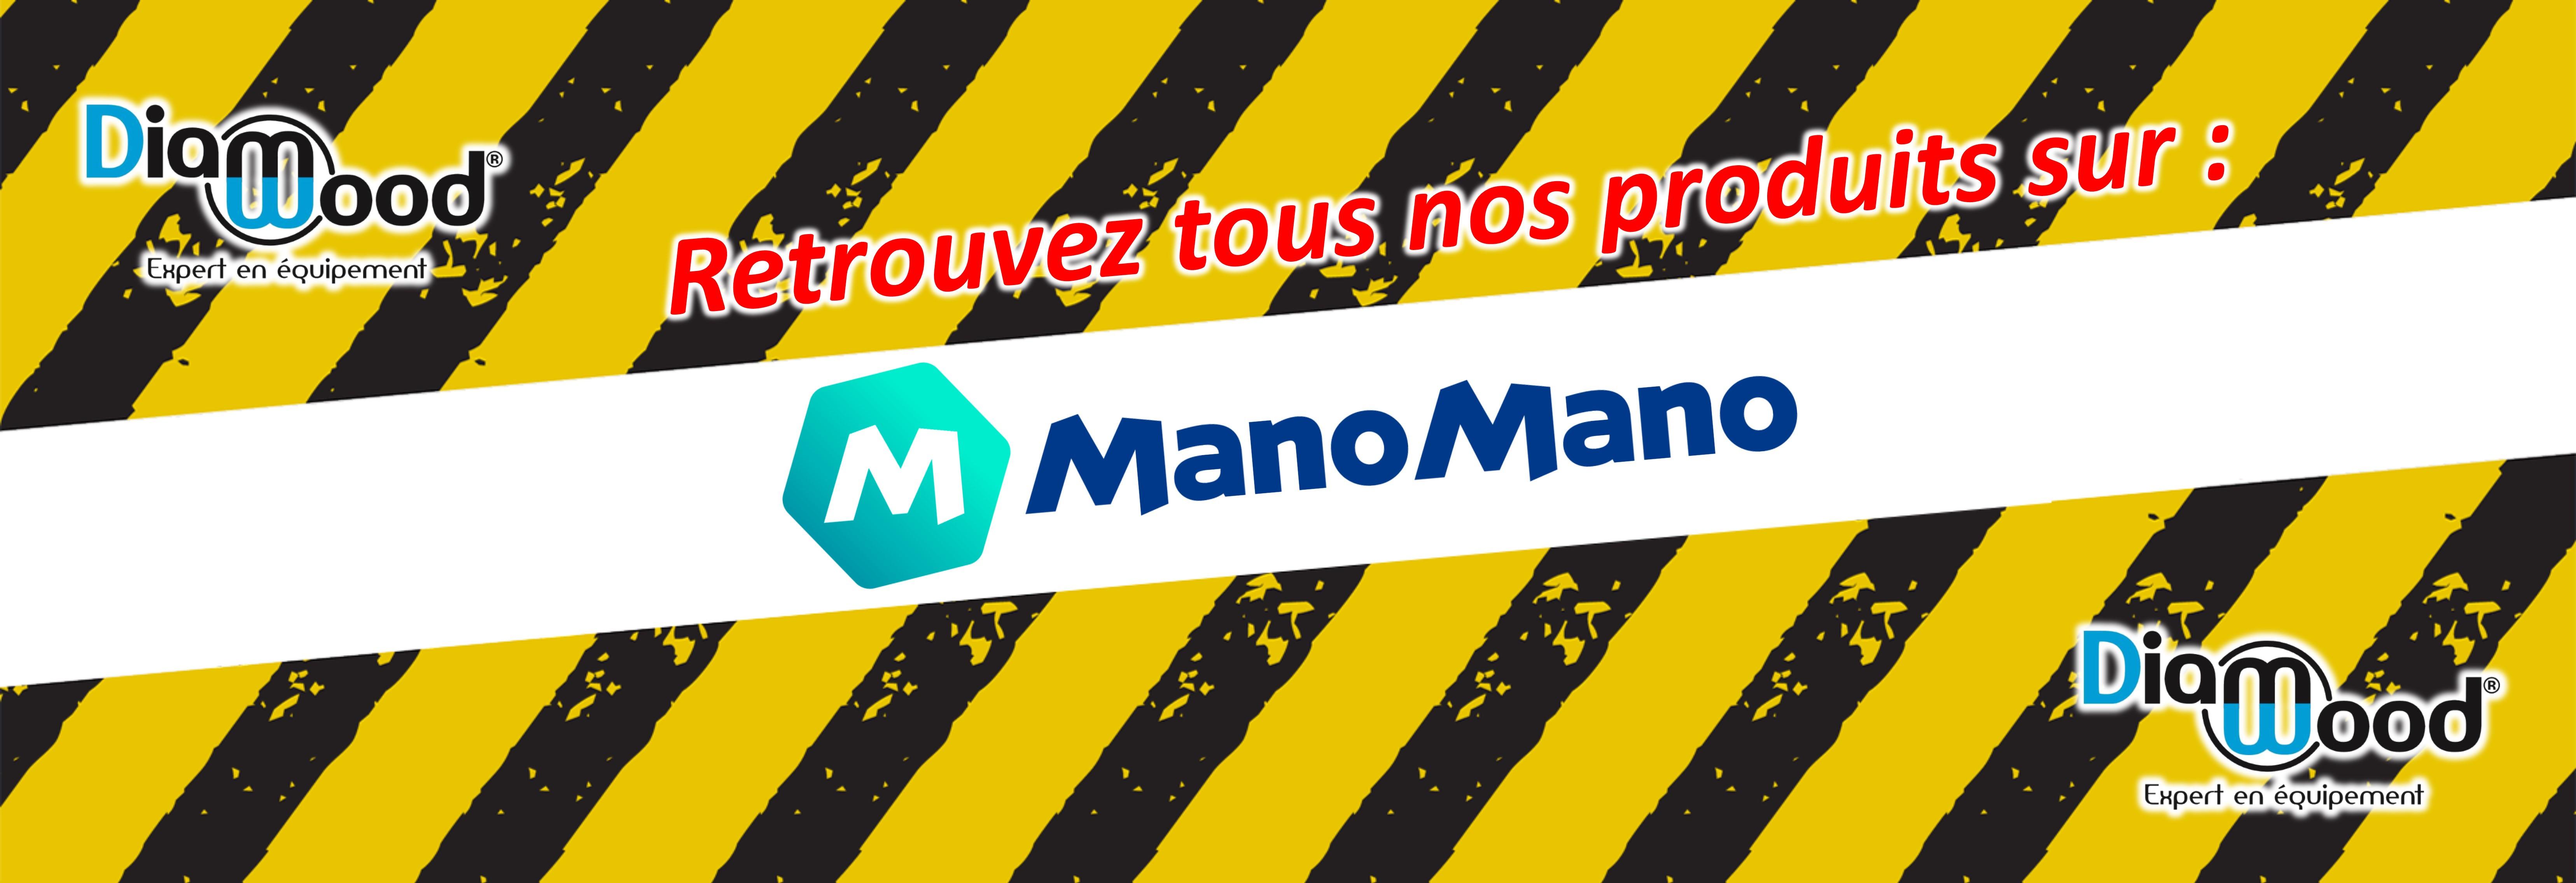 Achetez tous nos produits sur Mano Mano !